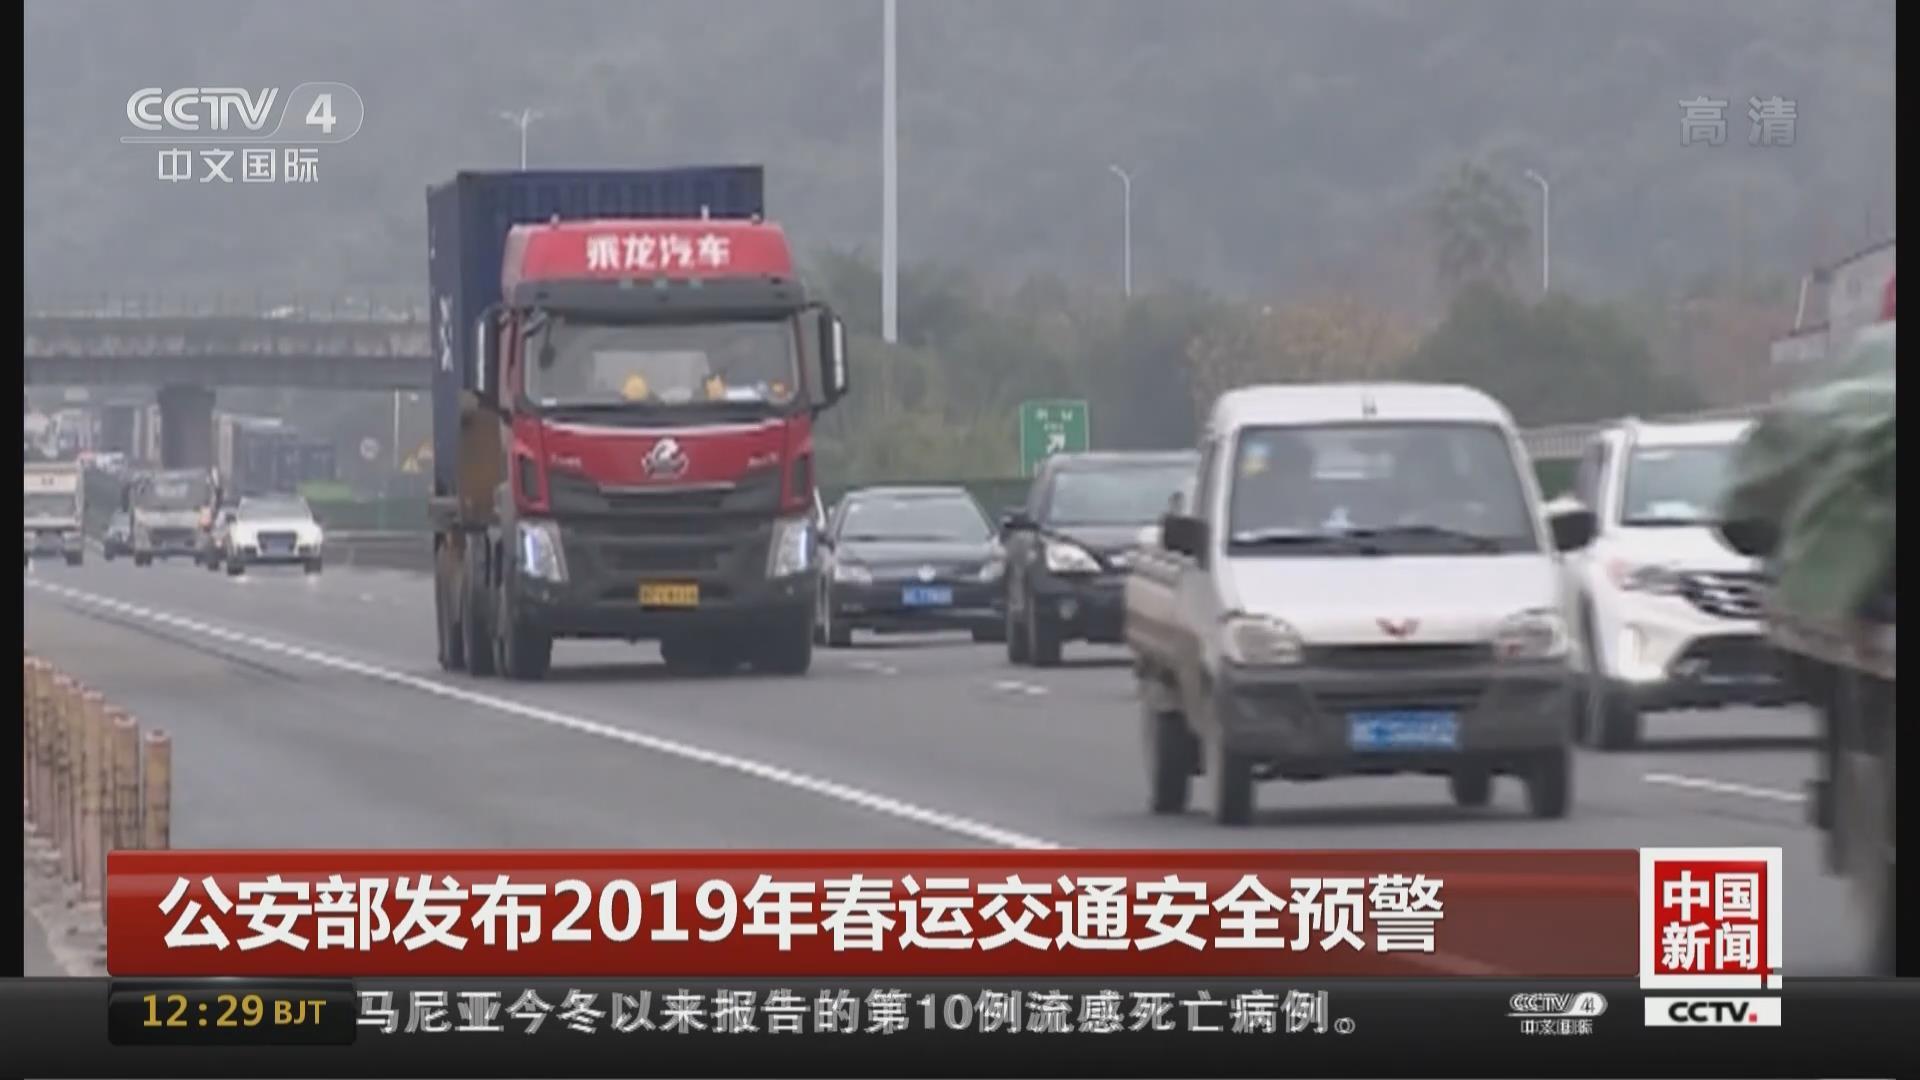 公安部發布2019年春運交通安全預警